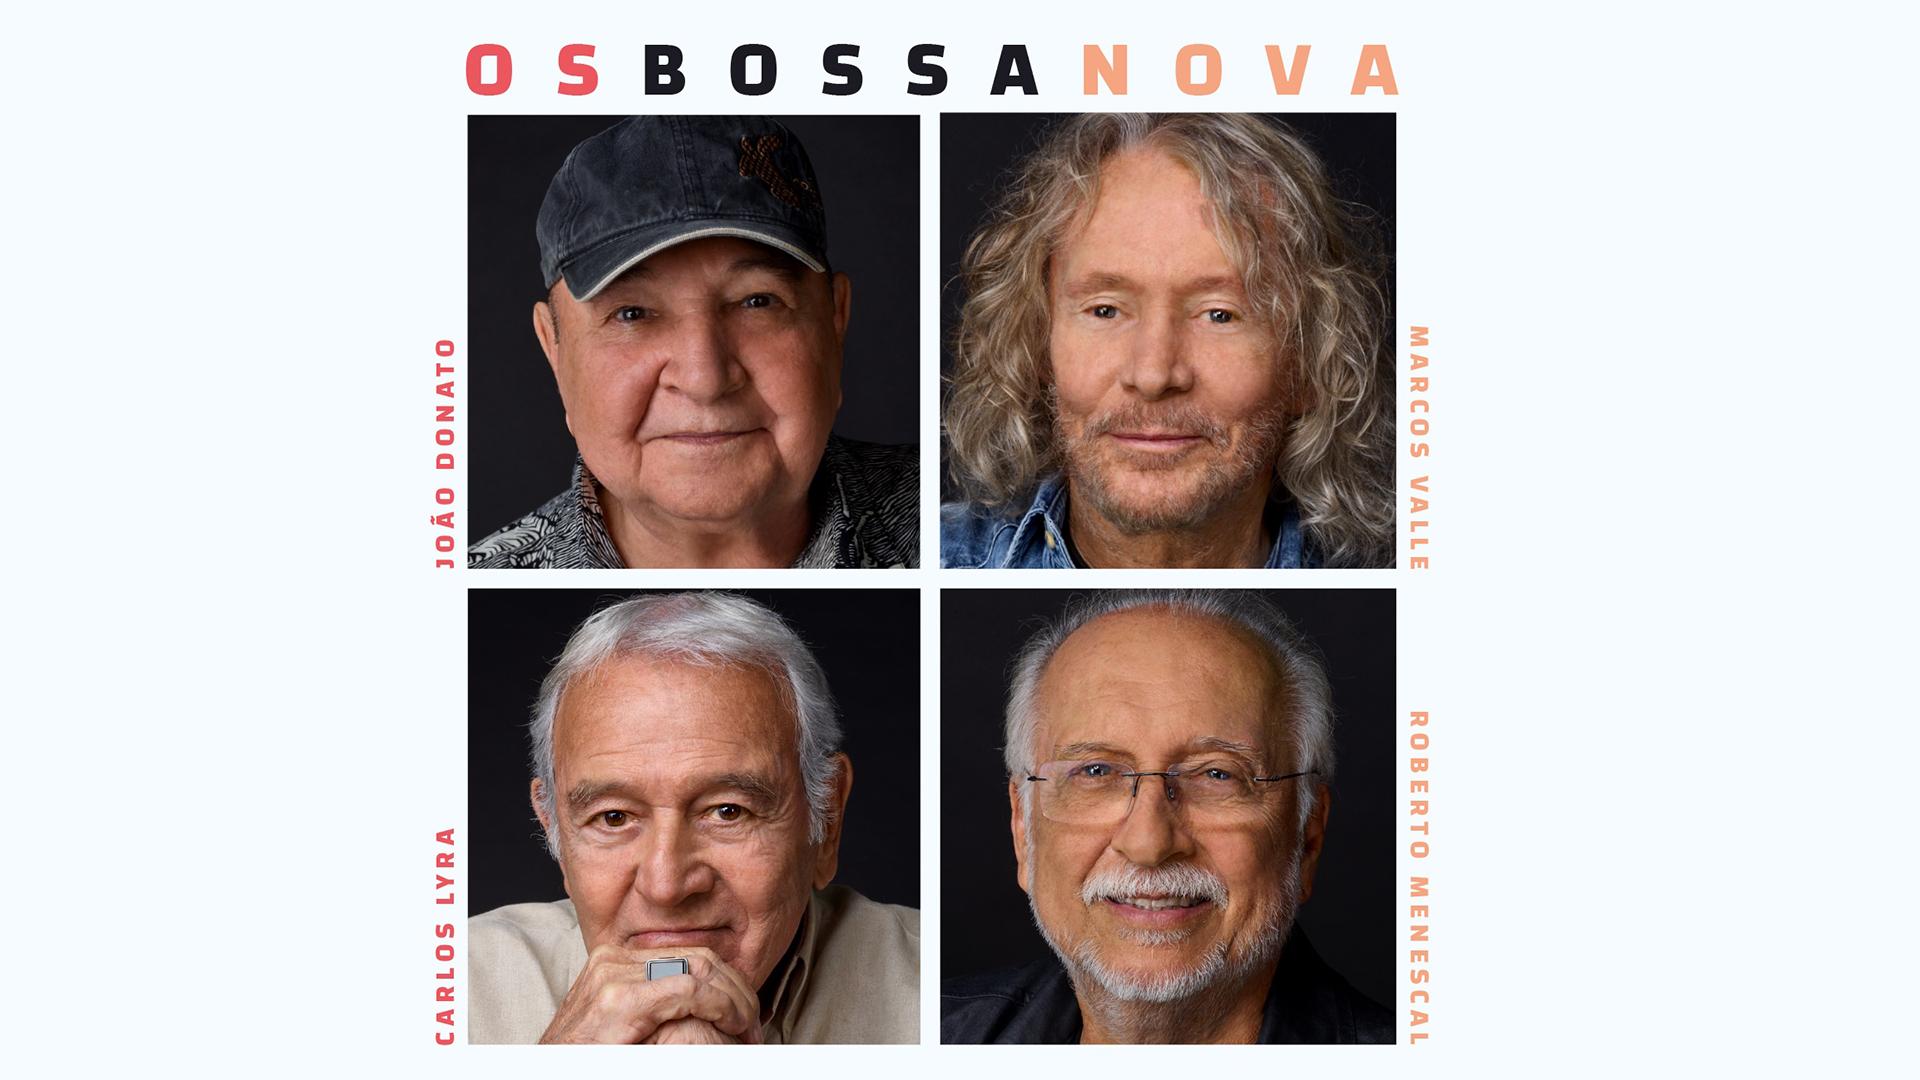 Os Bossa Nova – João Donato, Carlos Lyra, Marcos Valle e Roberto Menescal